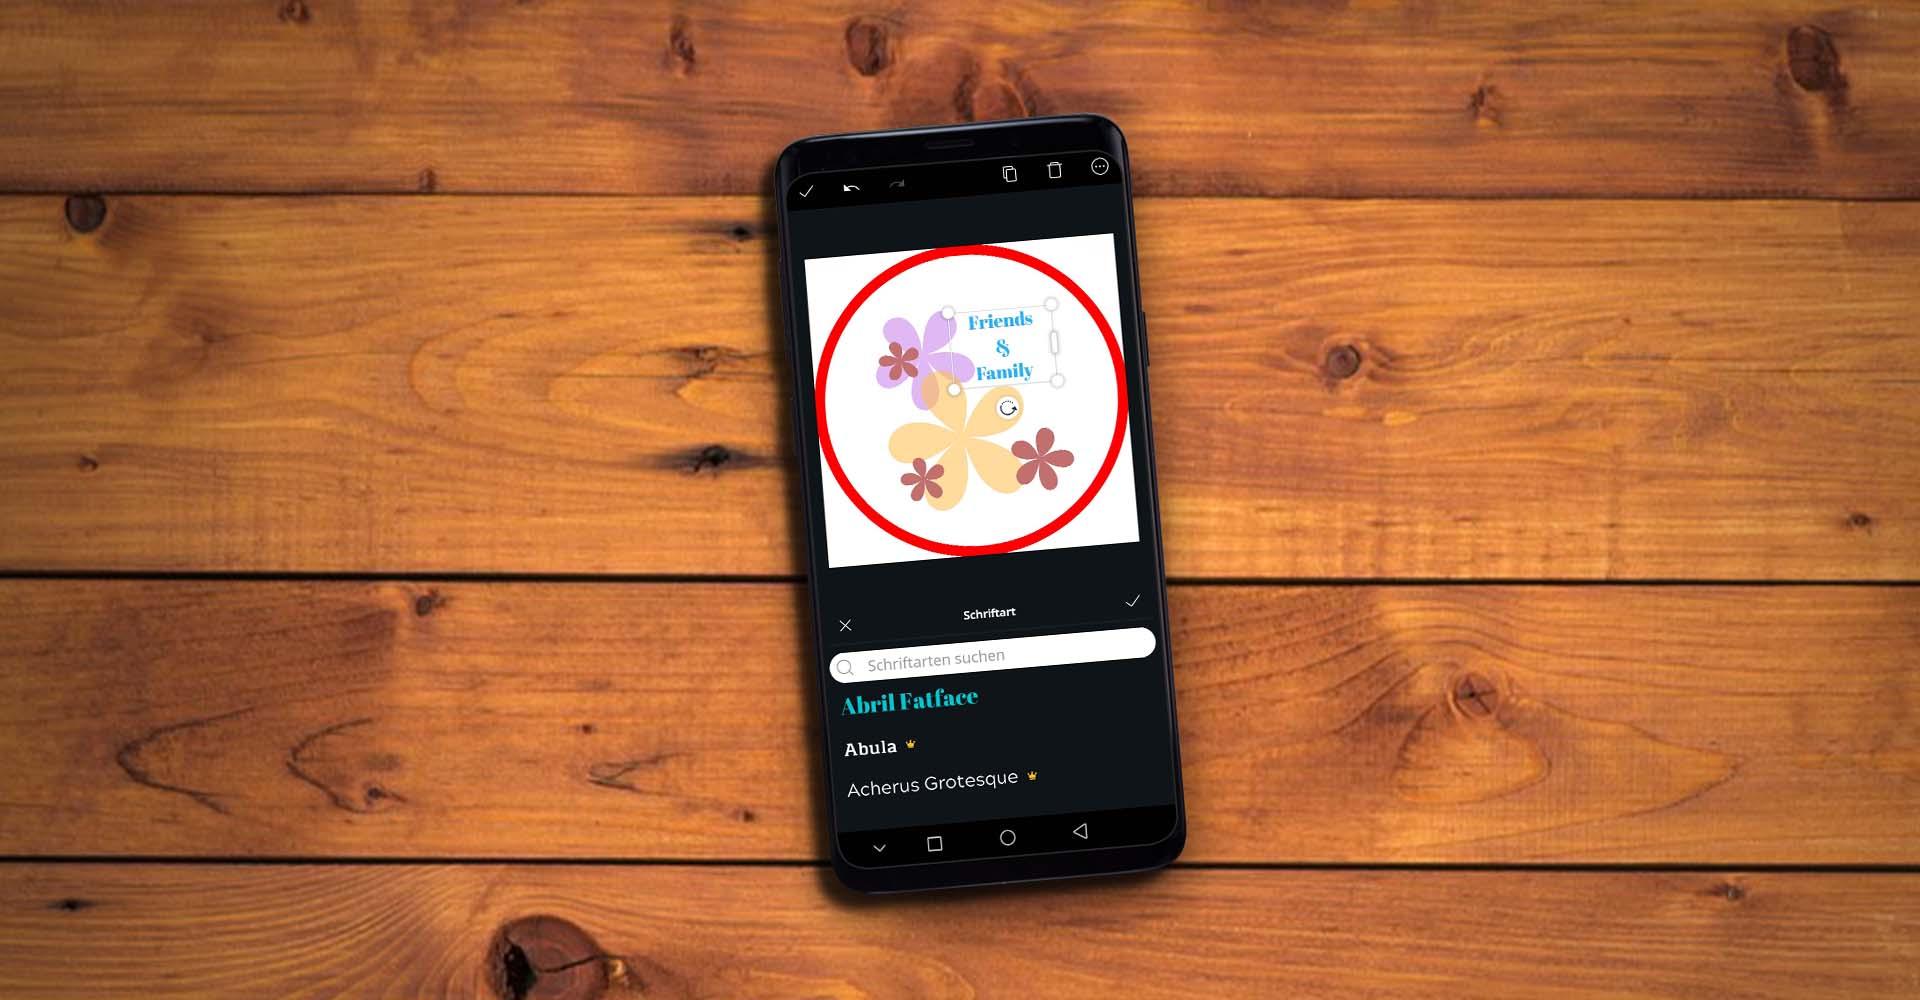 Am Smartphone in der App Canva ein Instagram-Highlight-Cover erstellen.